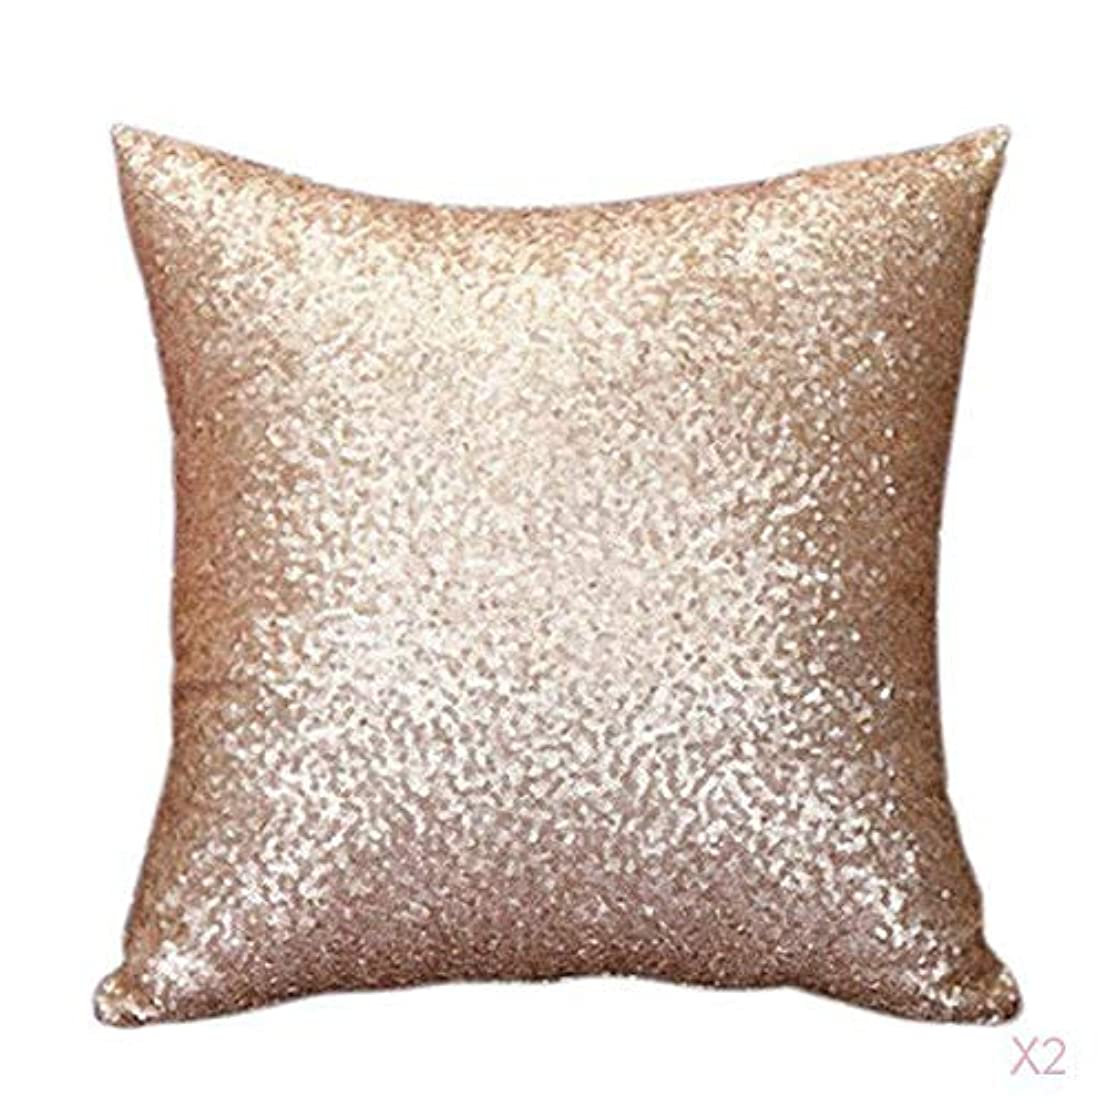 スタック台風優雅ファンシースパンコールソファスクエア枕クッションカバーケースの装飾シャンパンを投げます